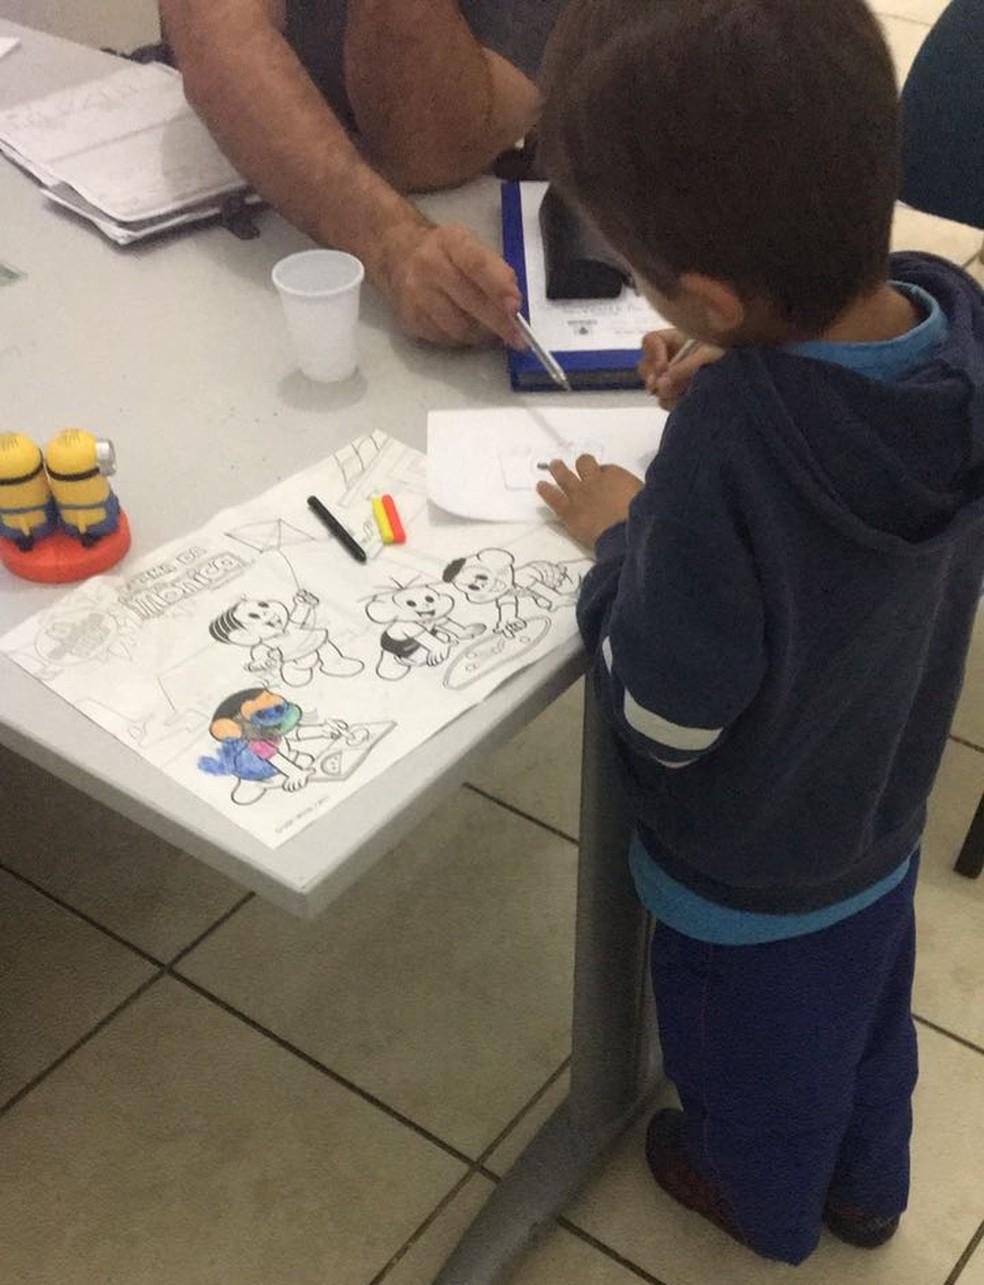 Criança foi para um abrigo do Conselho Tutelar de Sorocaba e será encaminhada para a avó (Foto: Conselho Tutelar de Sorocaba/Divulgação)